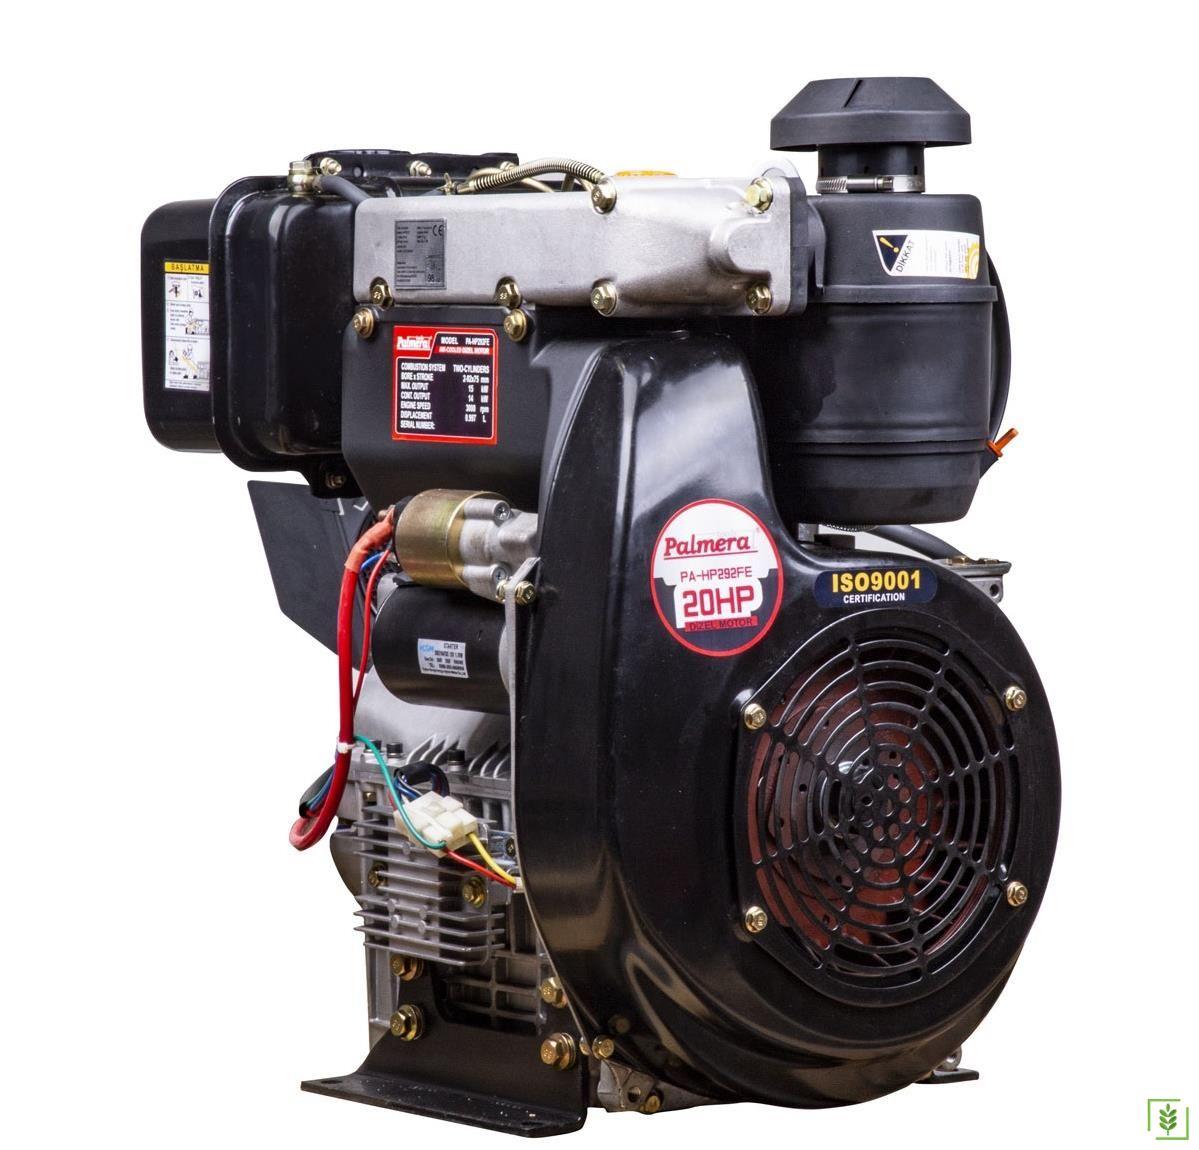 Palmera HP292FE Dizel Motor Kamalı Krank 20 Hp